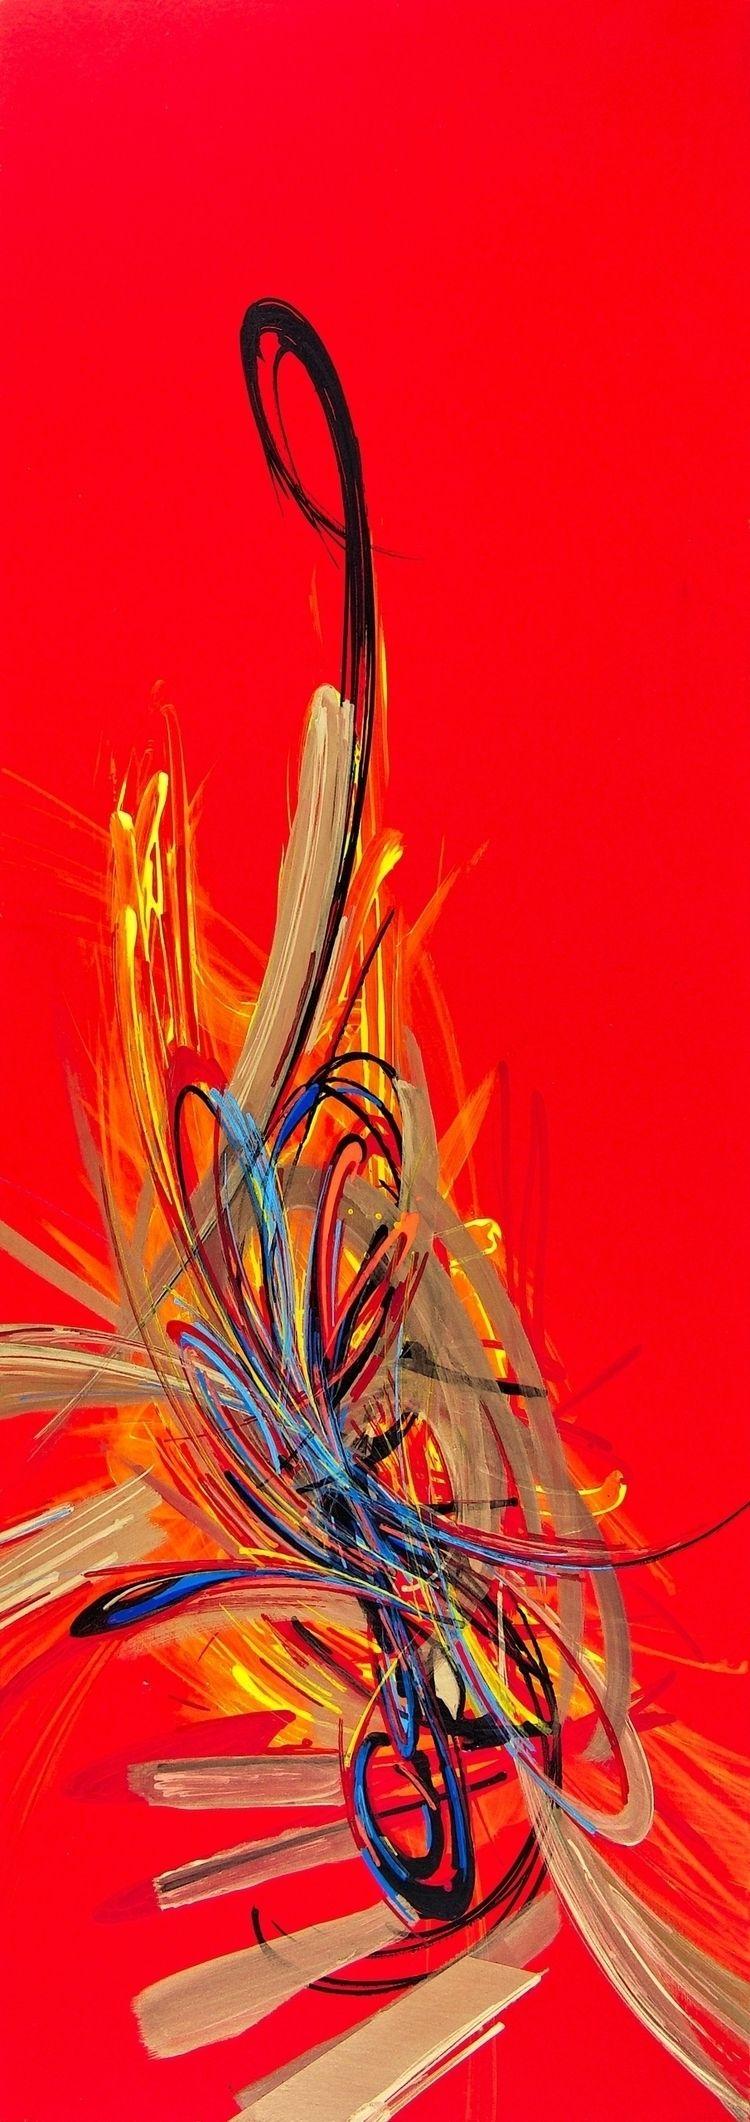 2020019 2020 acrylic, vinylic e - dominiquevial | ello